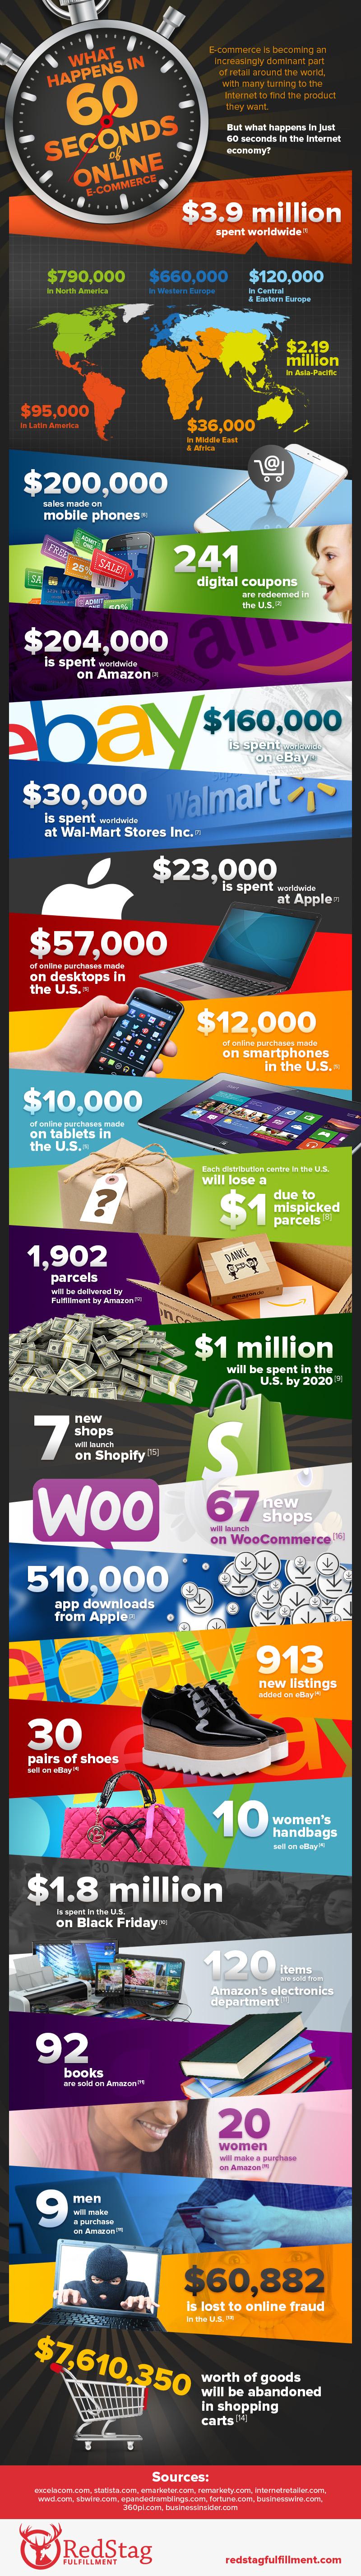 Qué sucede en el Comercio Electrónico en 60 segundos